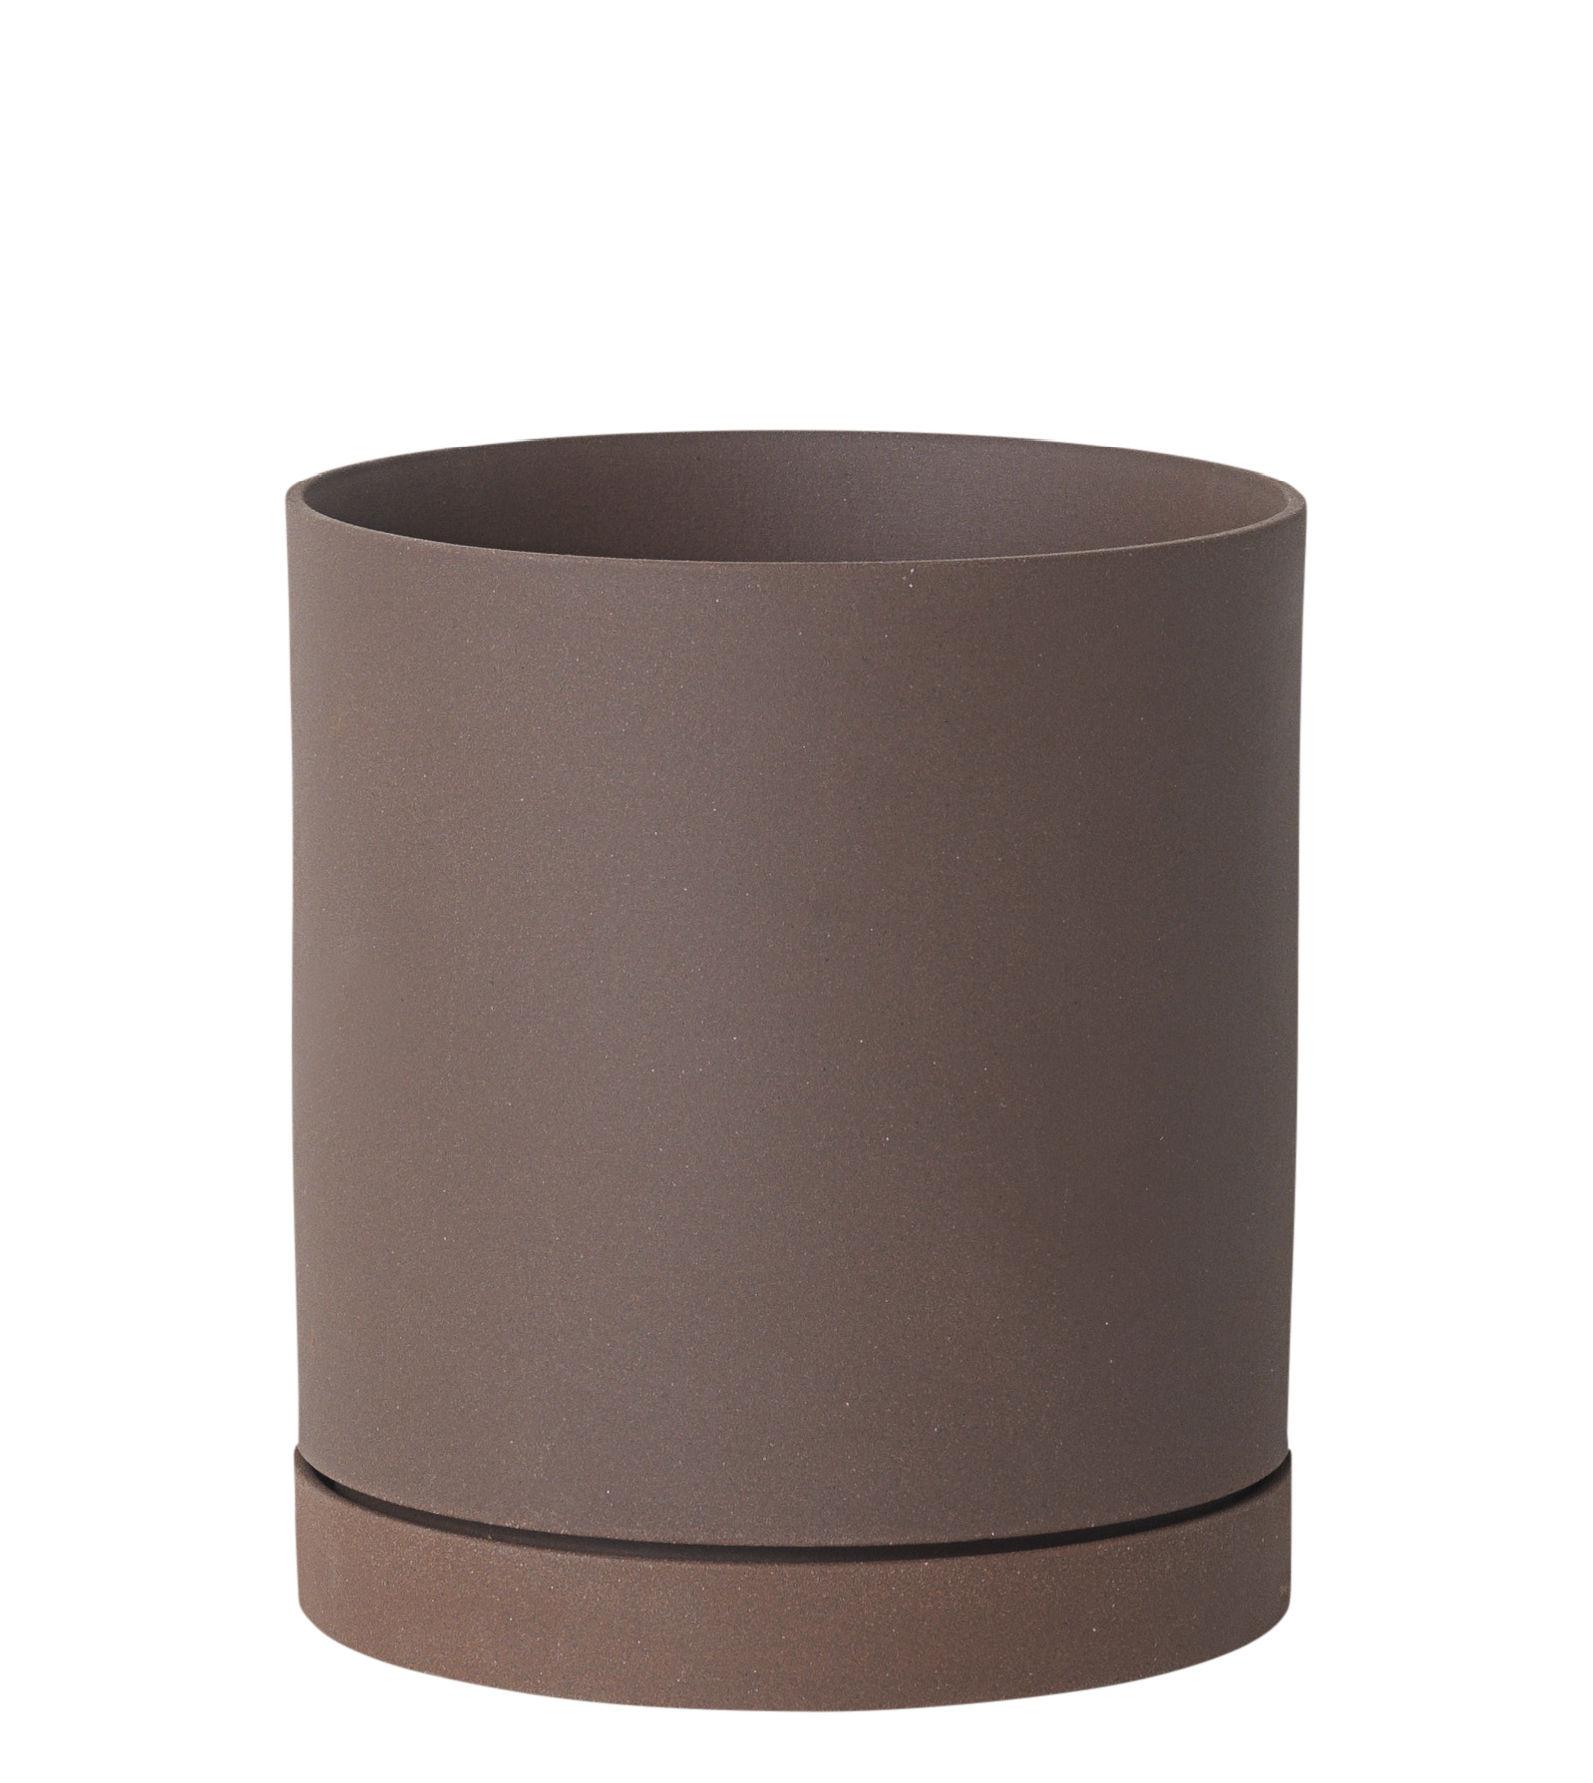 Outdoor - Pots et plantes - Pot de fleurs Sekki Large / Ø 15,7 x H 17,7 cm - Grès - Ferm Living - Rouille - Grès